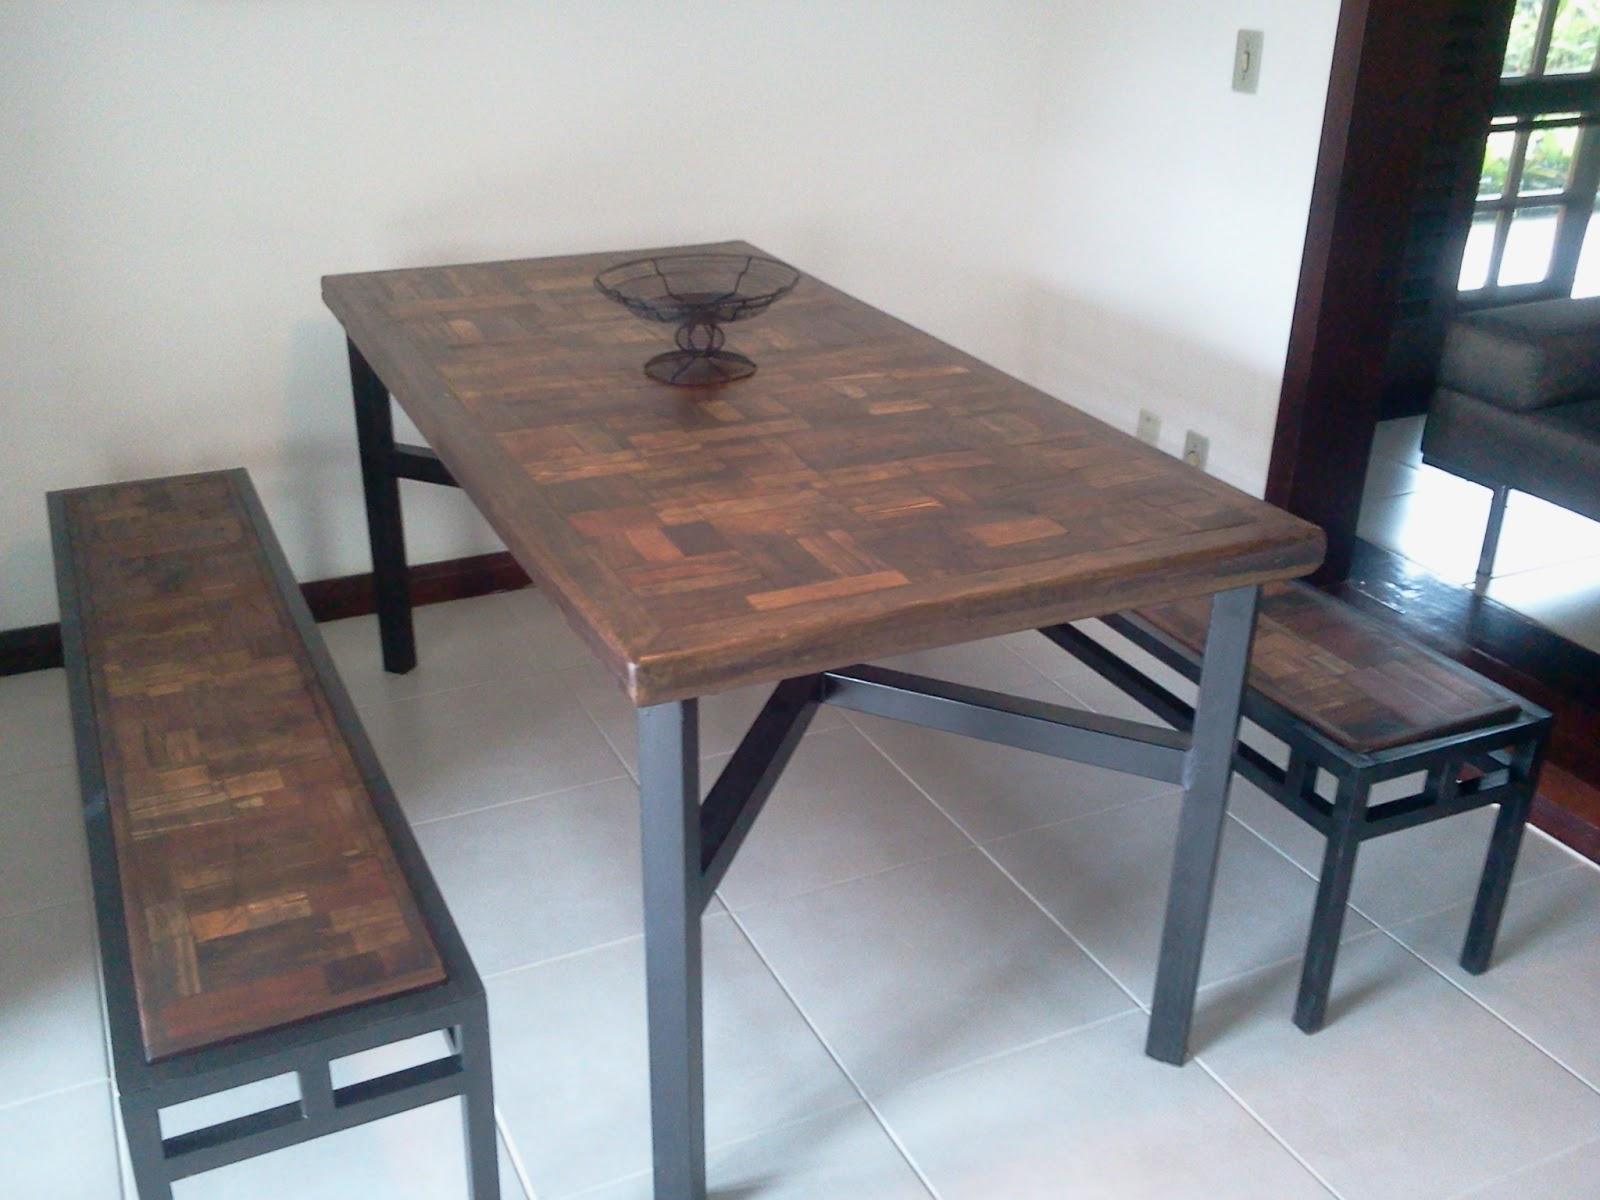 Patchwork em madeira reciclada IVAN ARTESÃO MÓVEIS #735B50 1600x1200